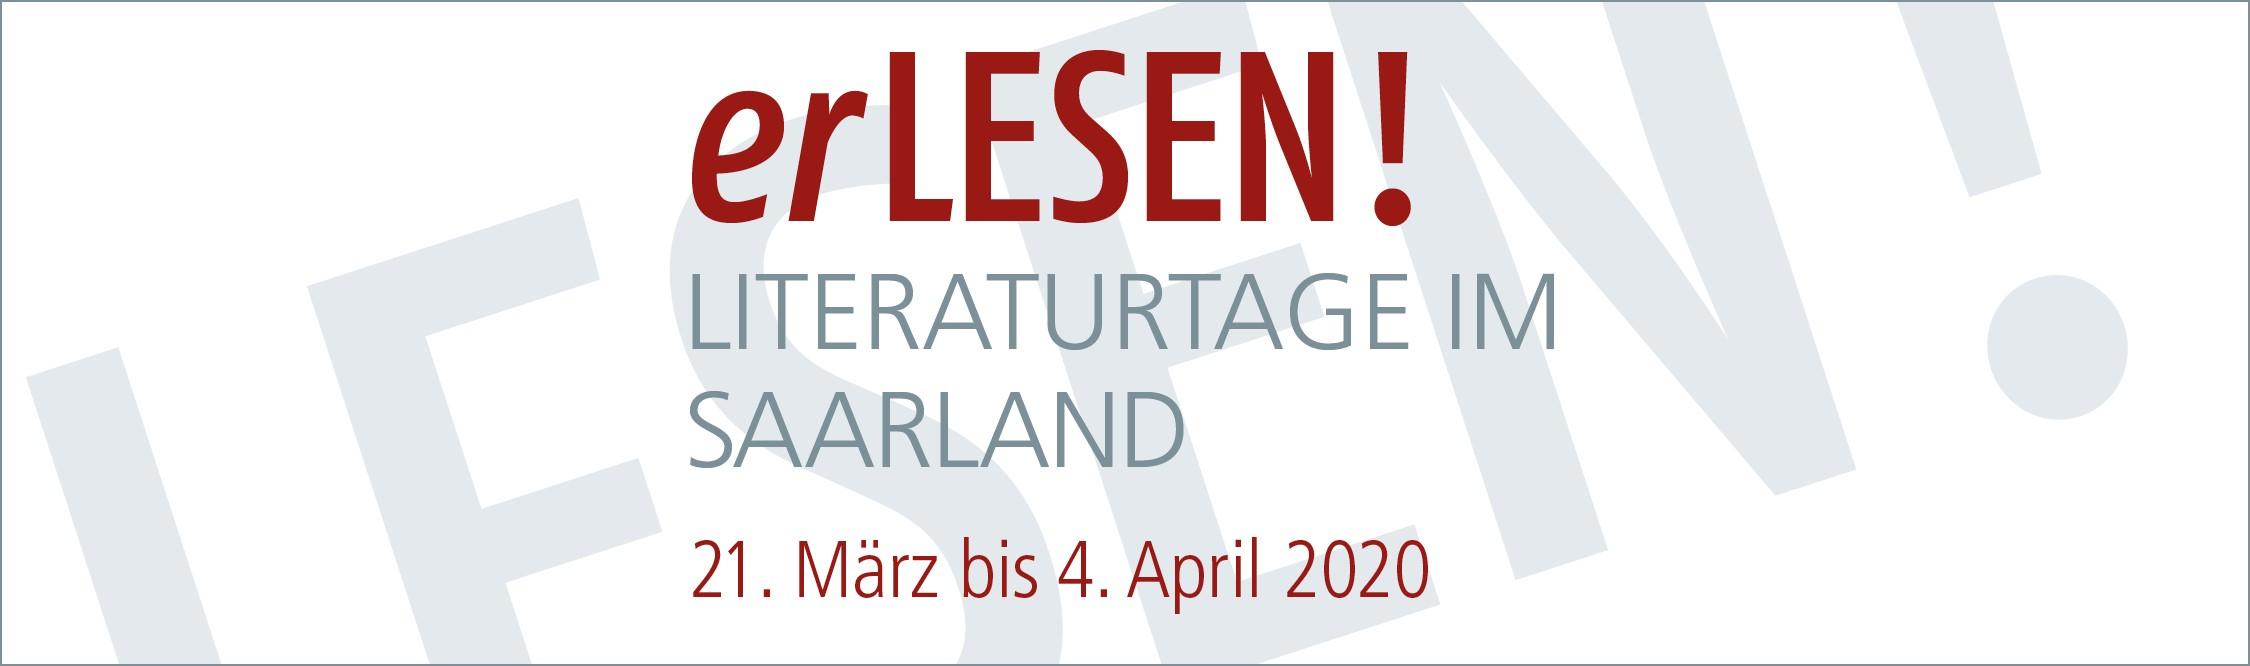 erLesen 2020 - Literaturtage im Saarland